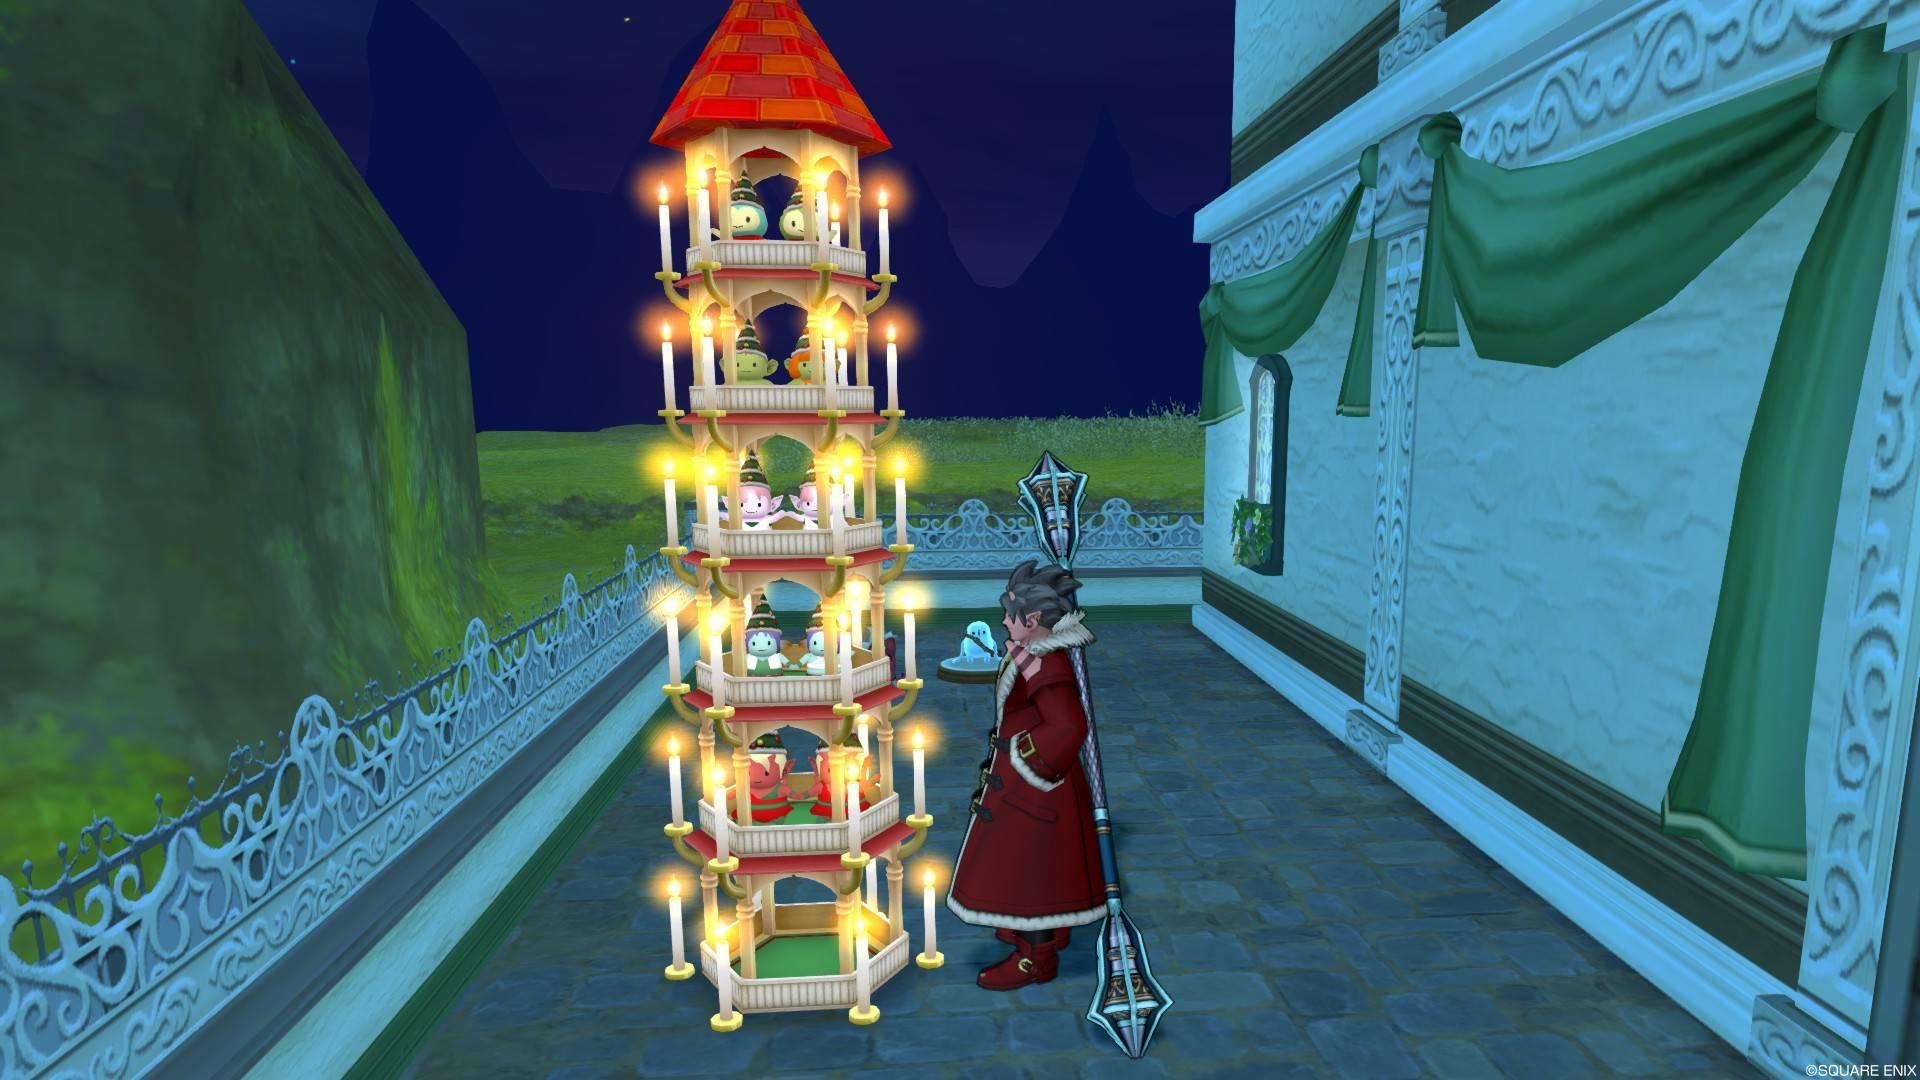 2017年新作クリスマス庭具5種族クリスマスツリー2